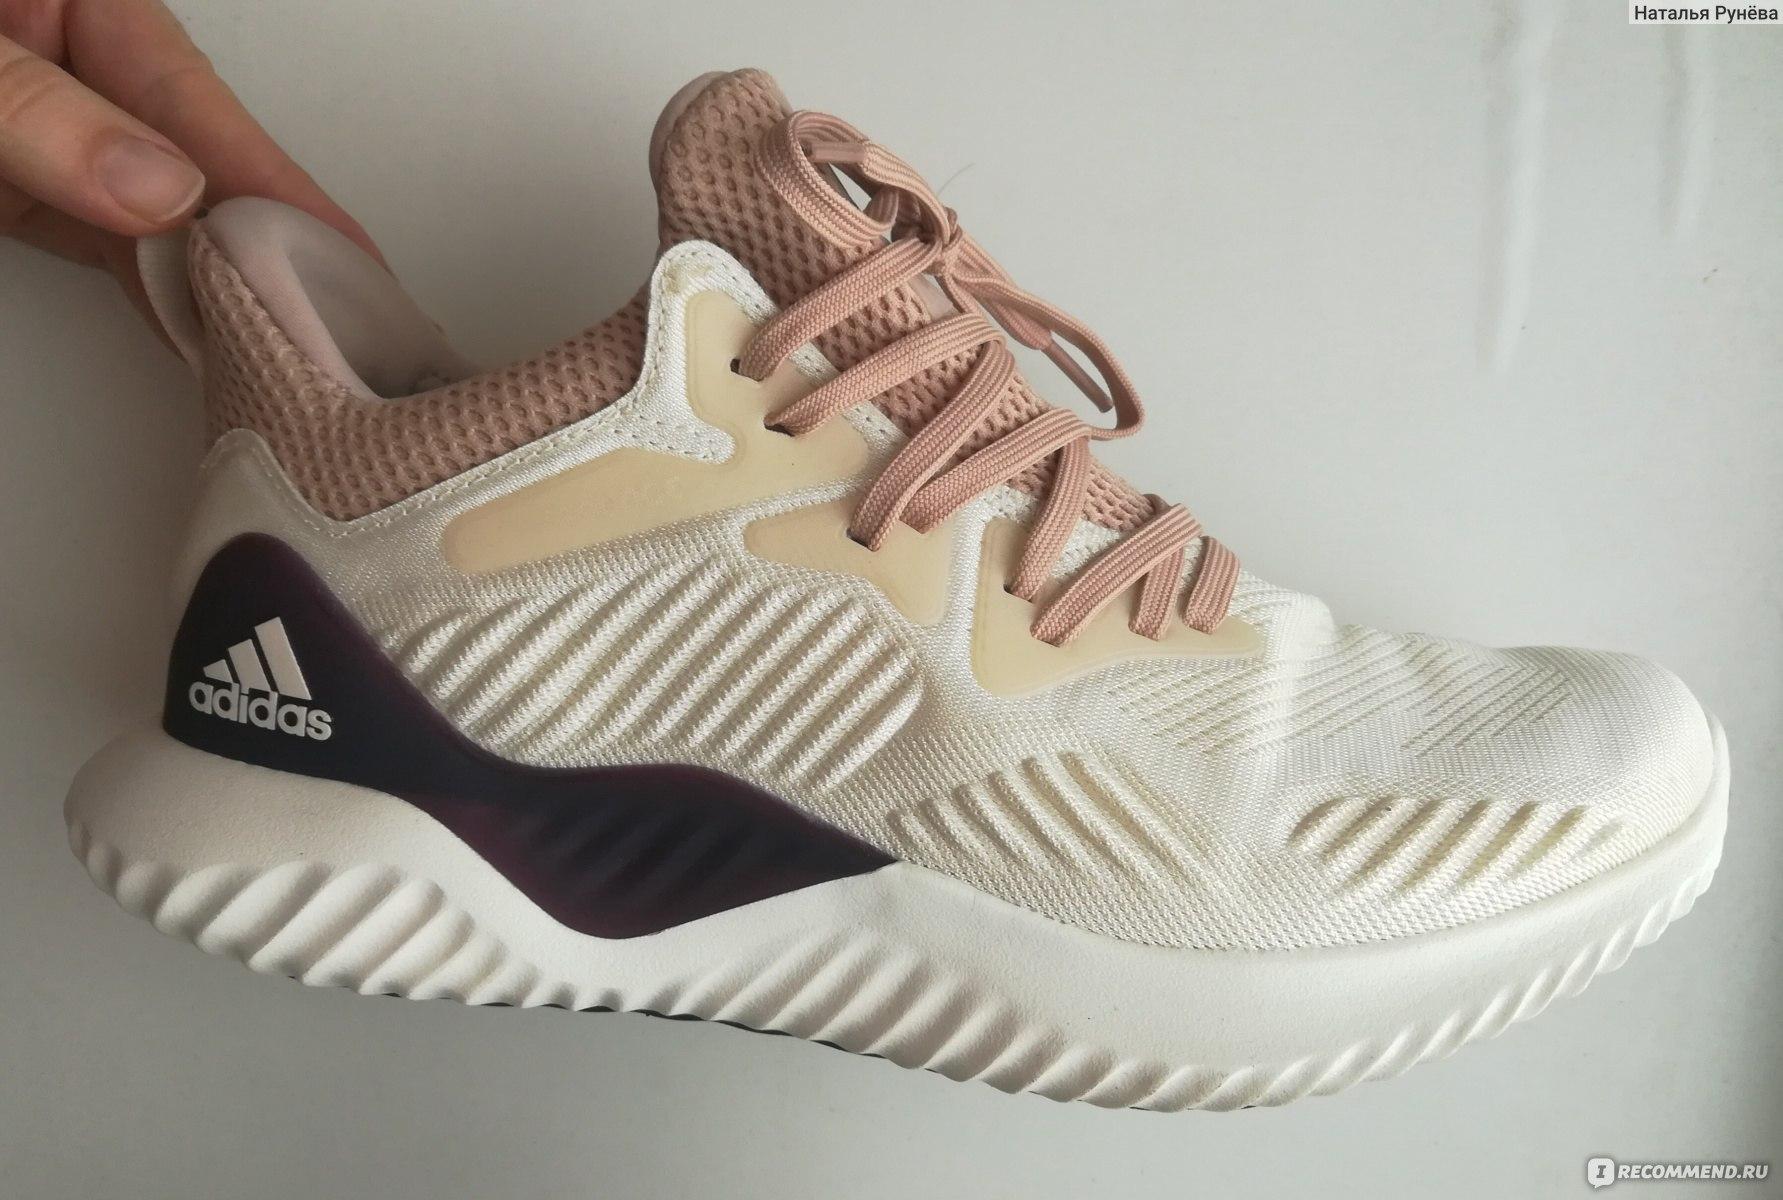 5c039c49 Кроссовки для бега Adidas Alphabounce beyond - «Я в полном восторге ...